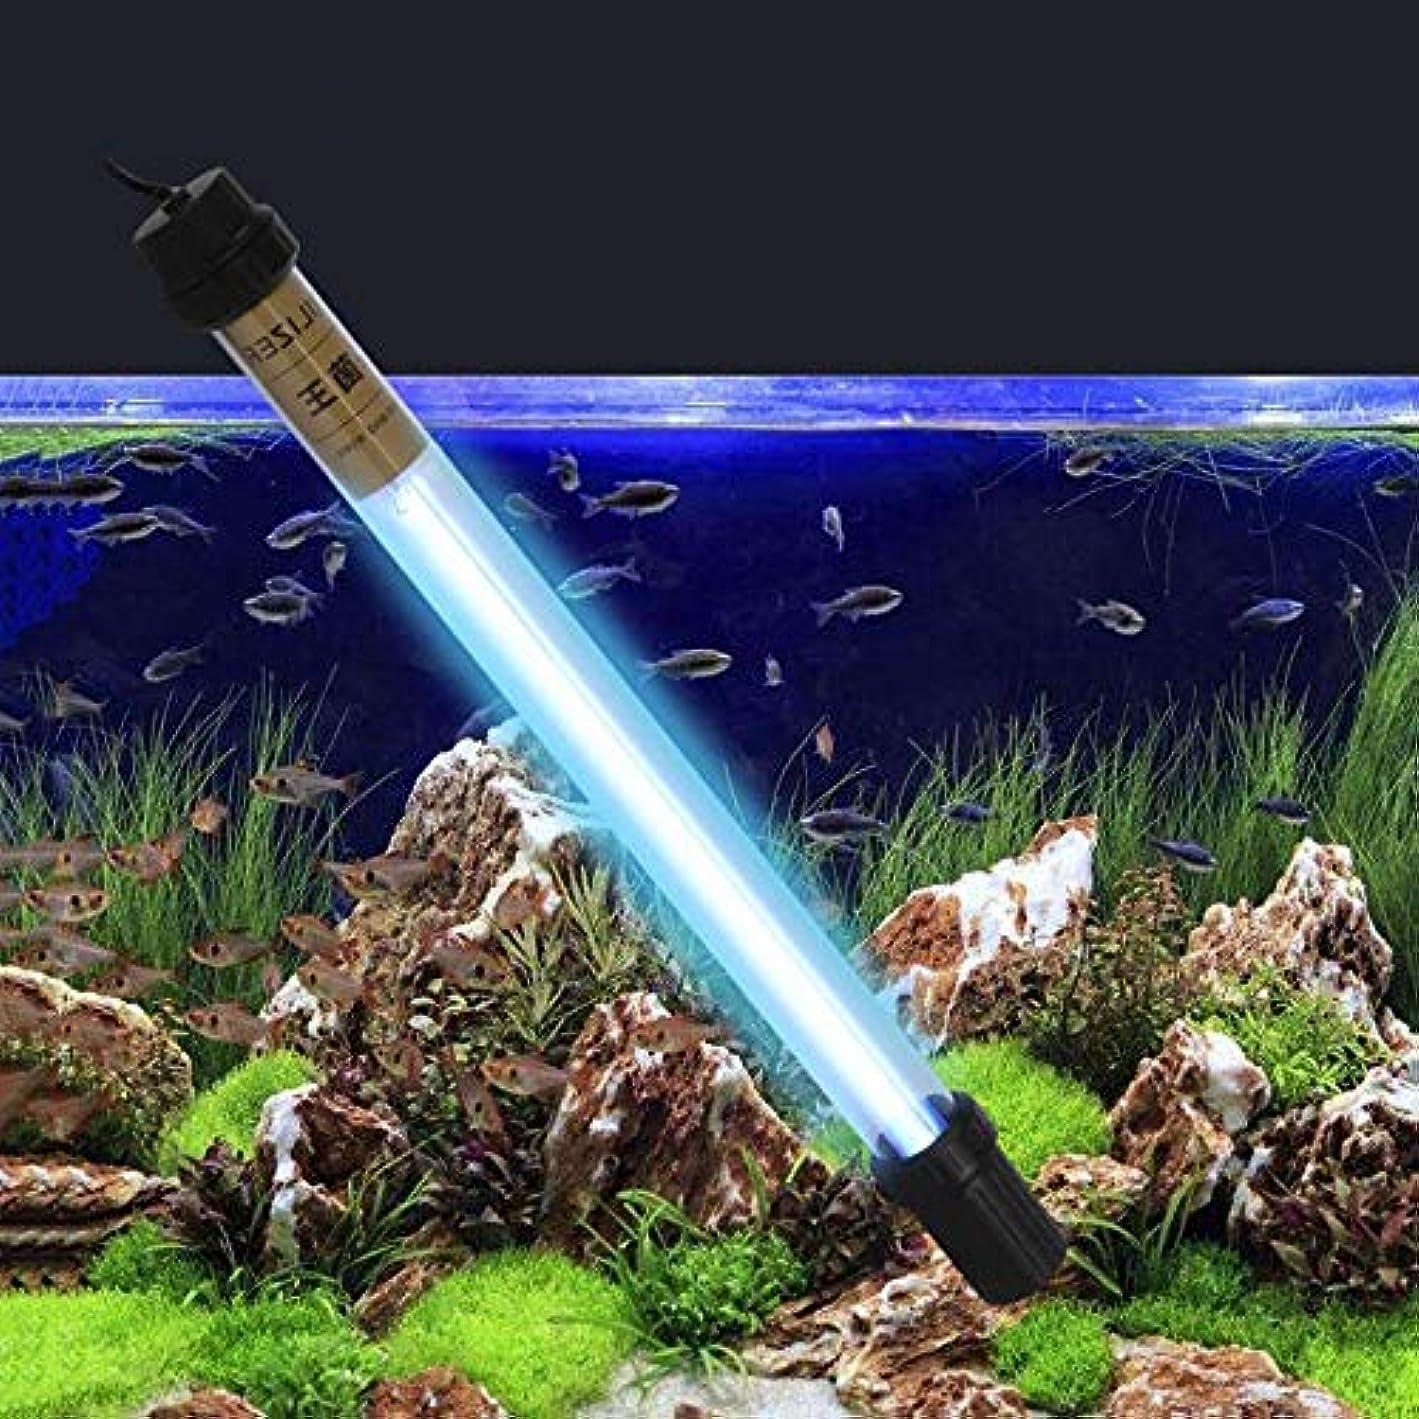 船尾演じる国民アクアリウムUV滅菌器グリーンキリングマシンUVCランプ水槽池殺菌消毒水処理清浄器、ダブルチューブ20W / 30W / 40W / 60W